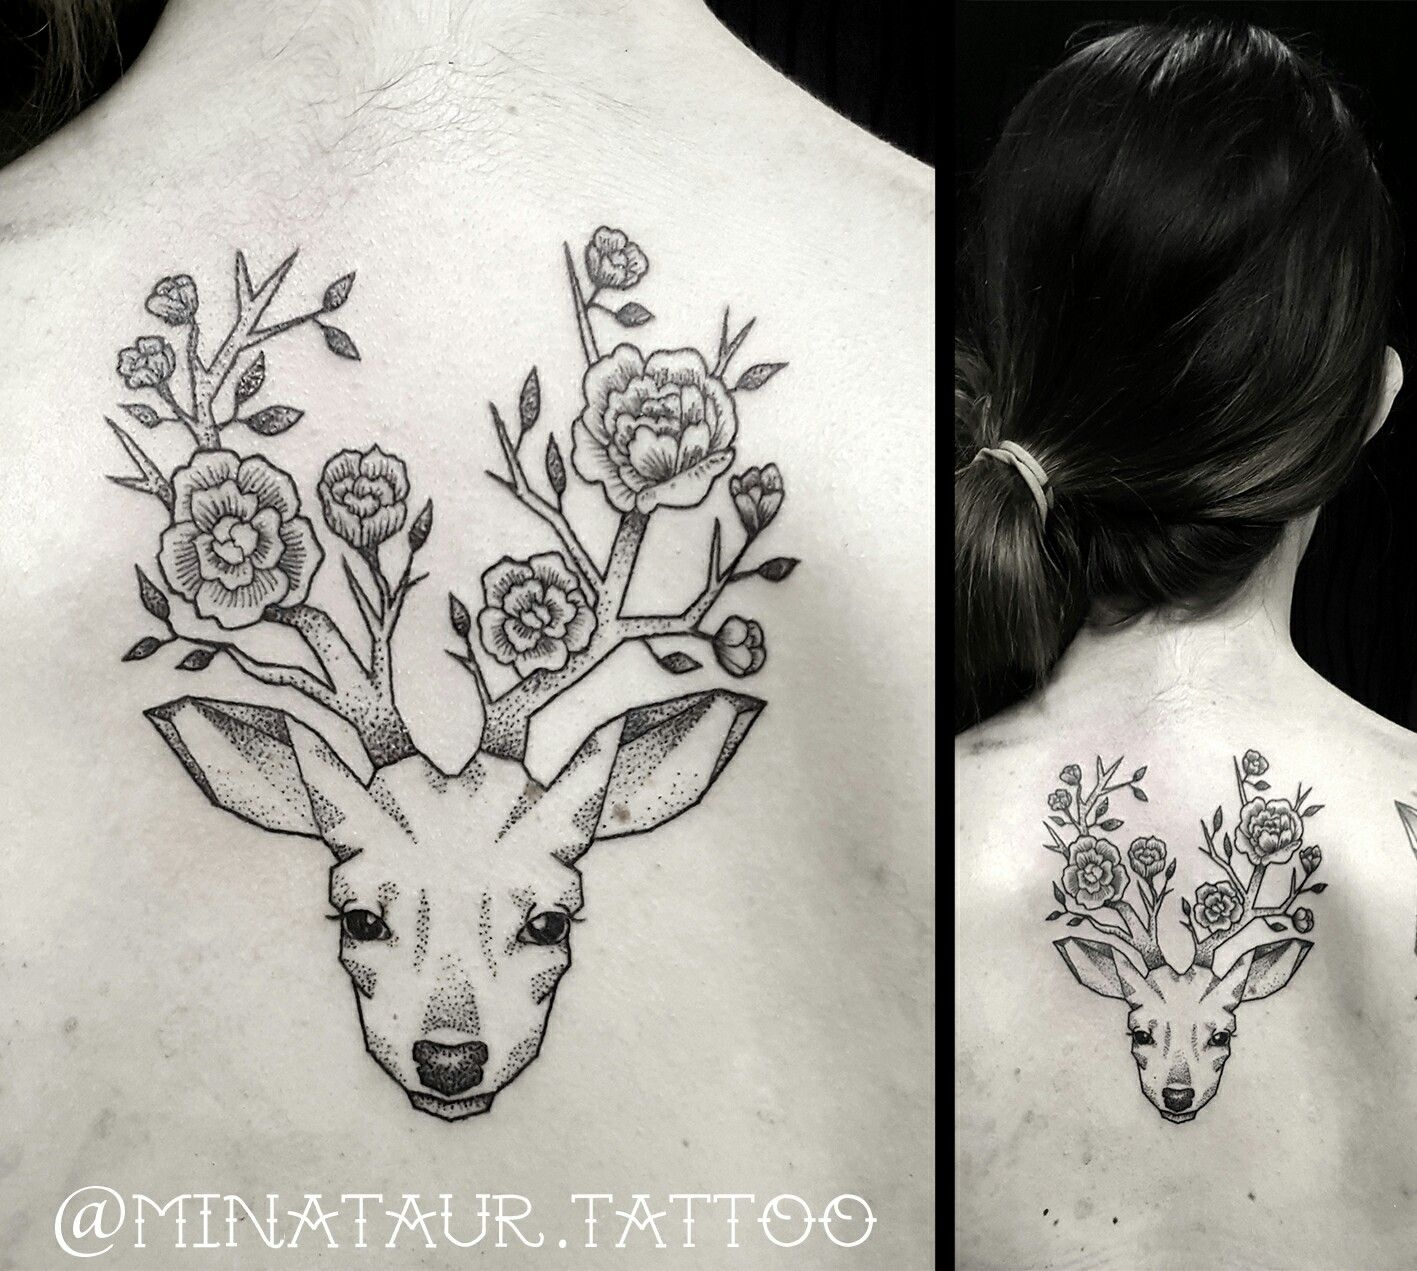 #Tattoo #tattoos #tattooartist #dotwork #linework #deerhead #deer #antlers #flowers #roses #doe #geometric #design #goldcoast #surfersparadise #minataurtattoo #minataur